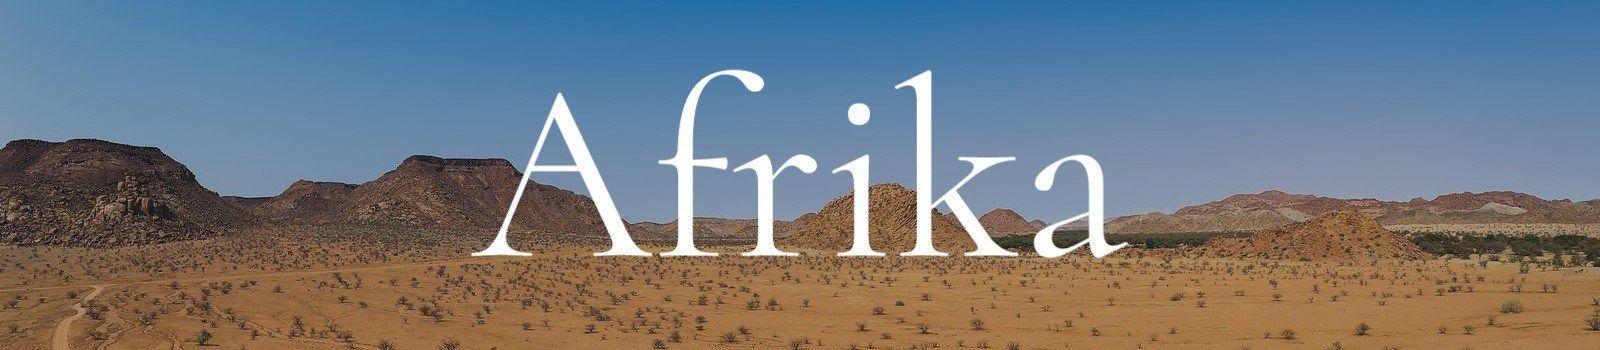 woestijn afrika